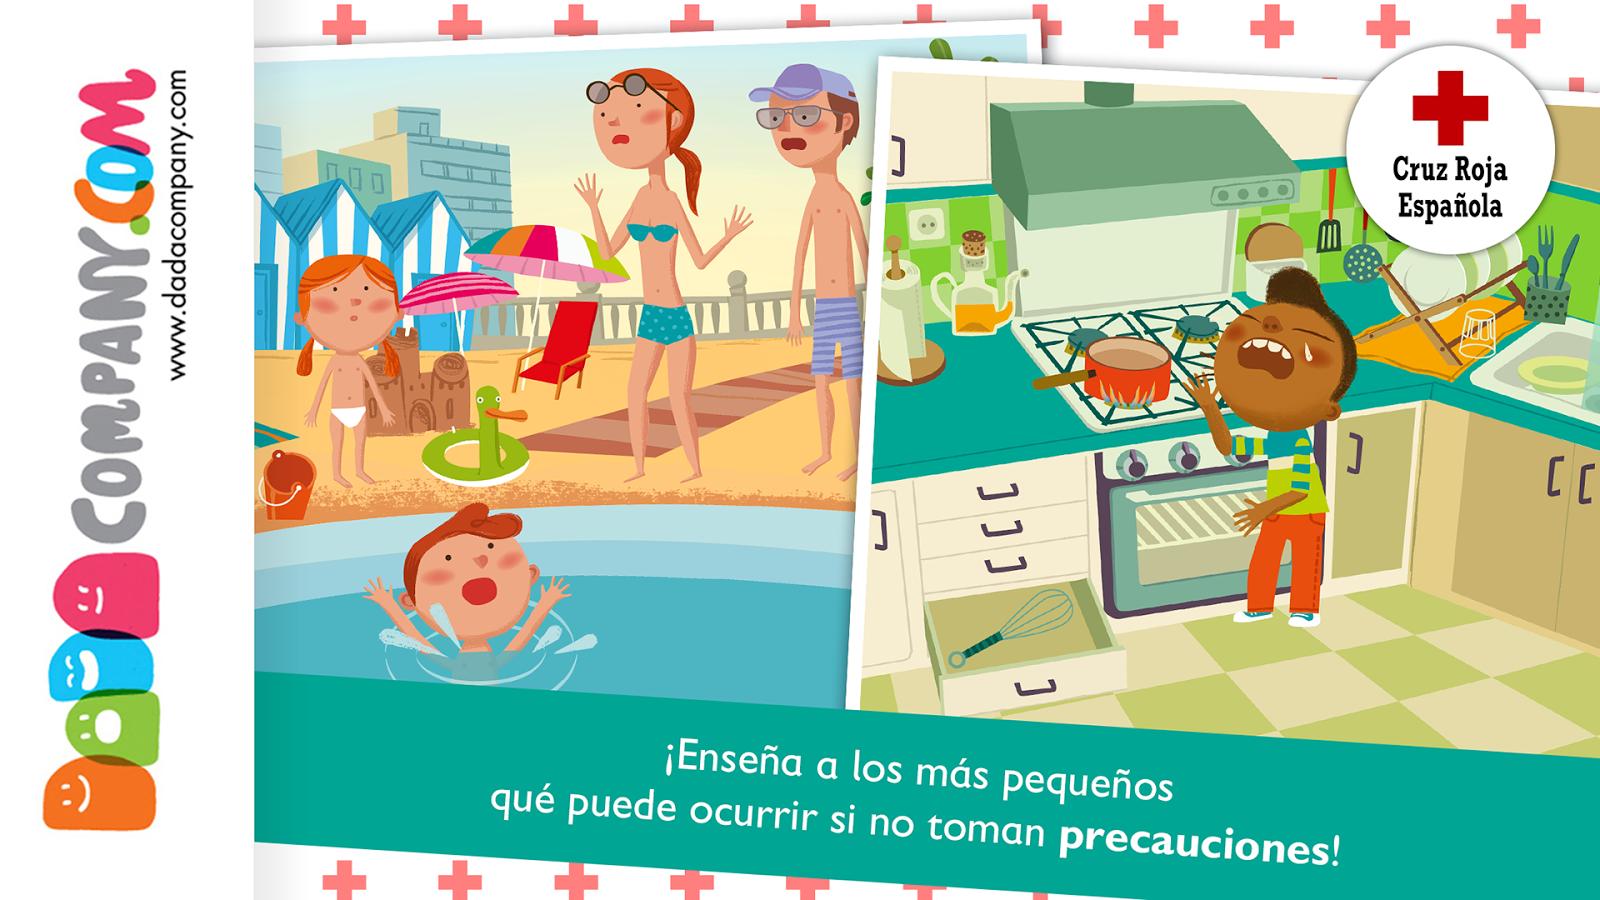 Prevención de Accidentes: la app de la Cruz Roja educativa y gratuita